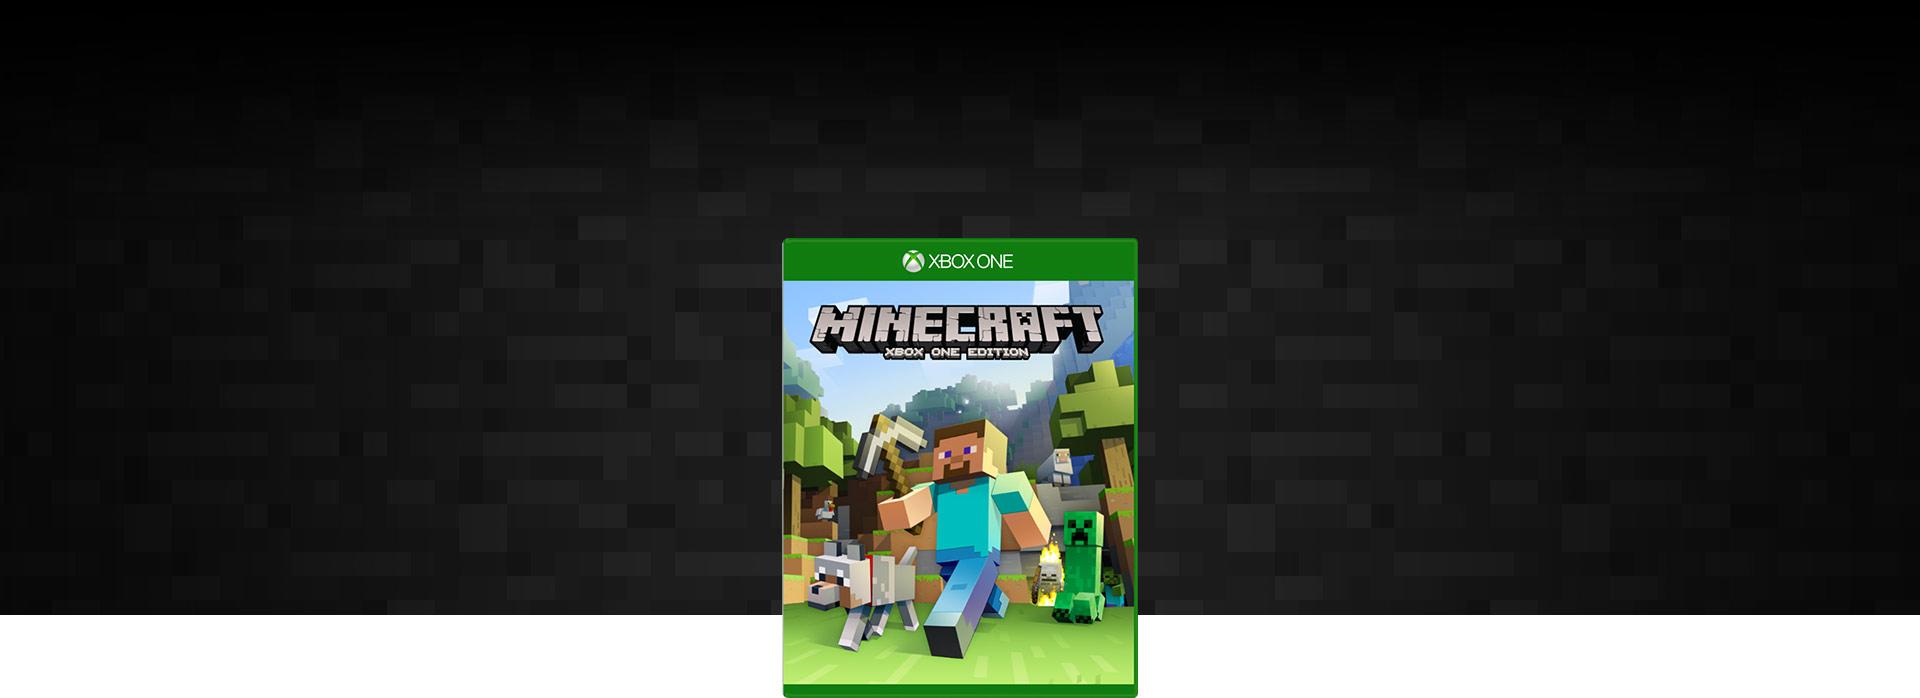 Imagen de la caja de Minecraft